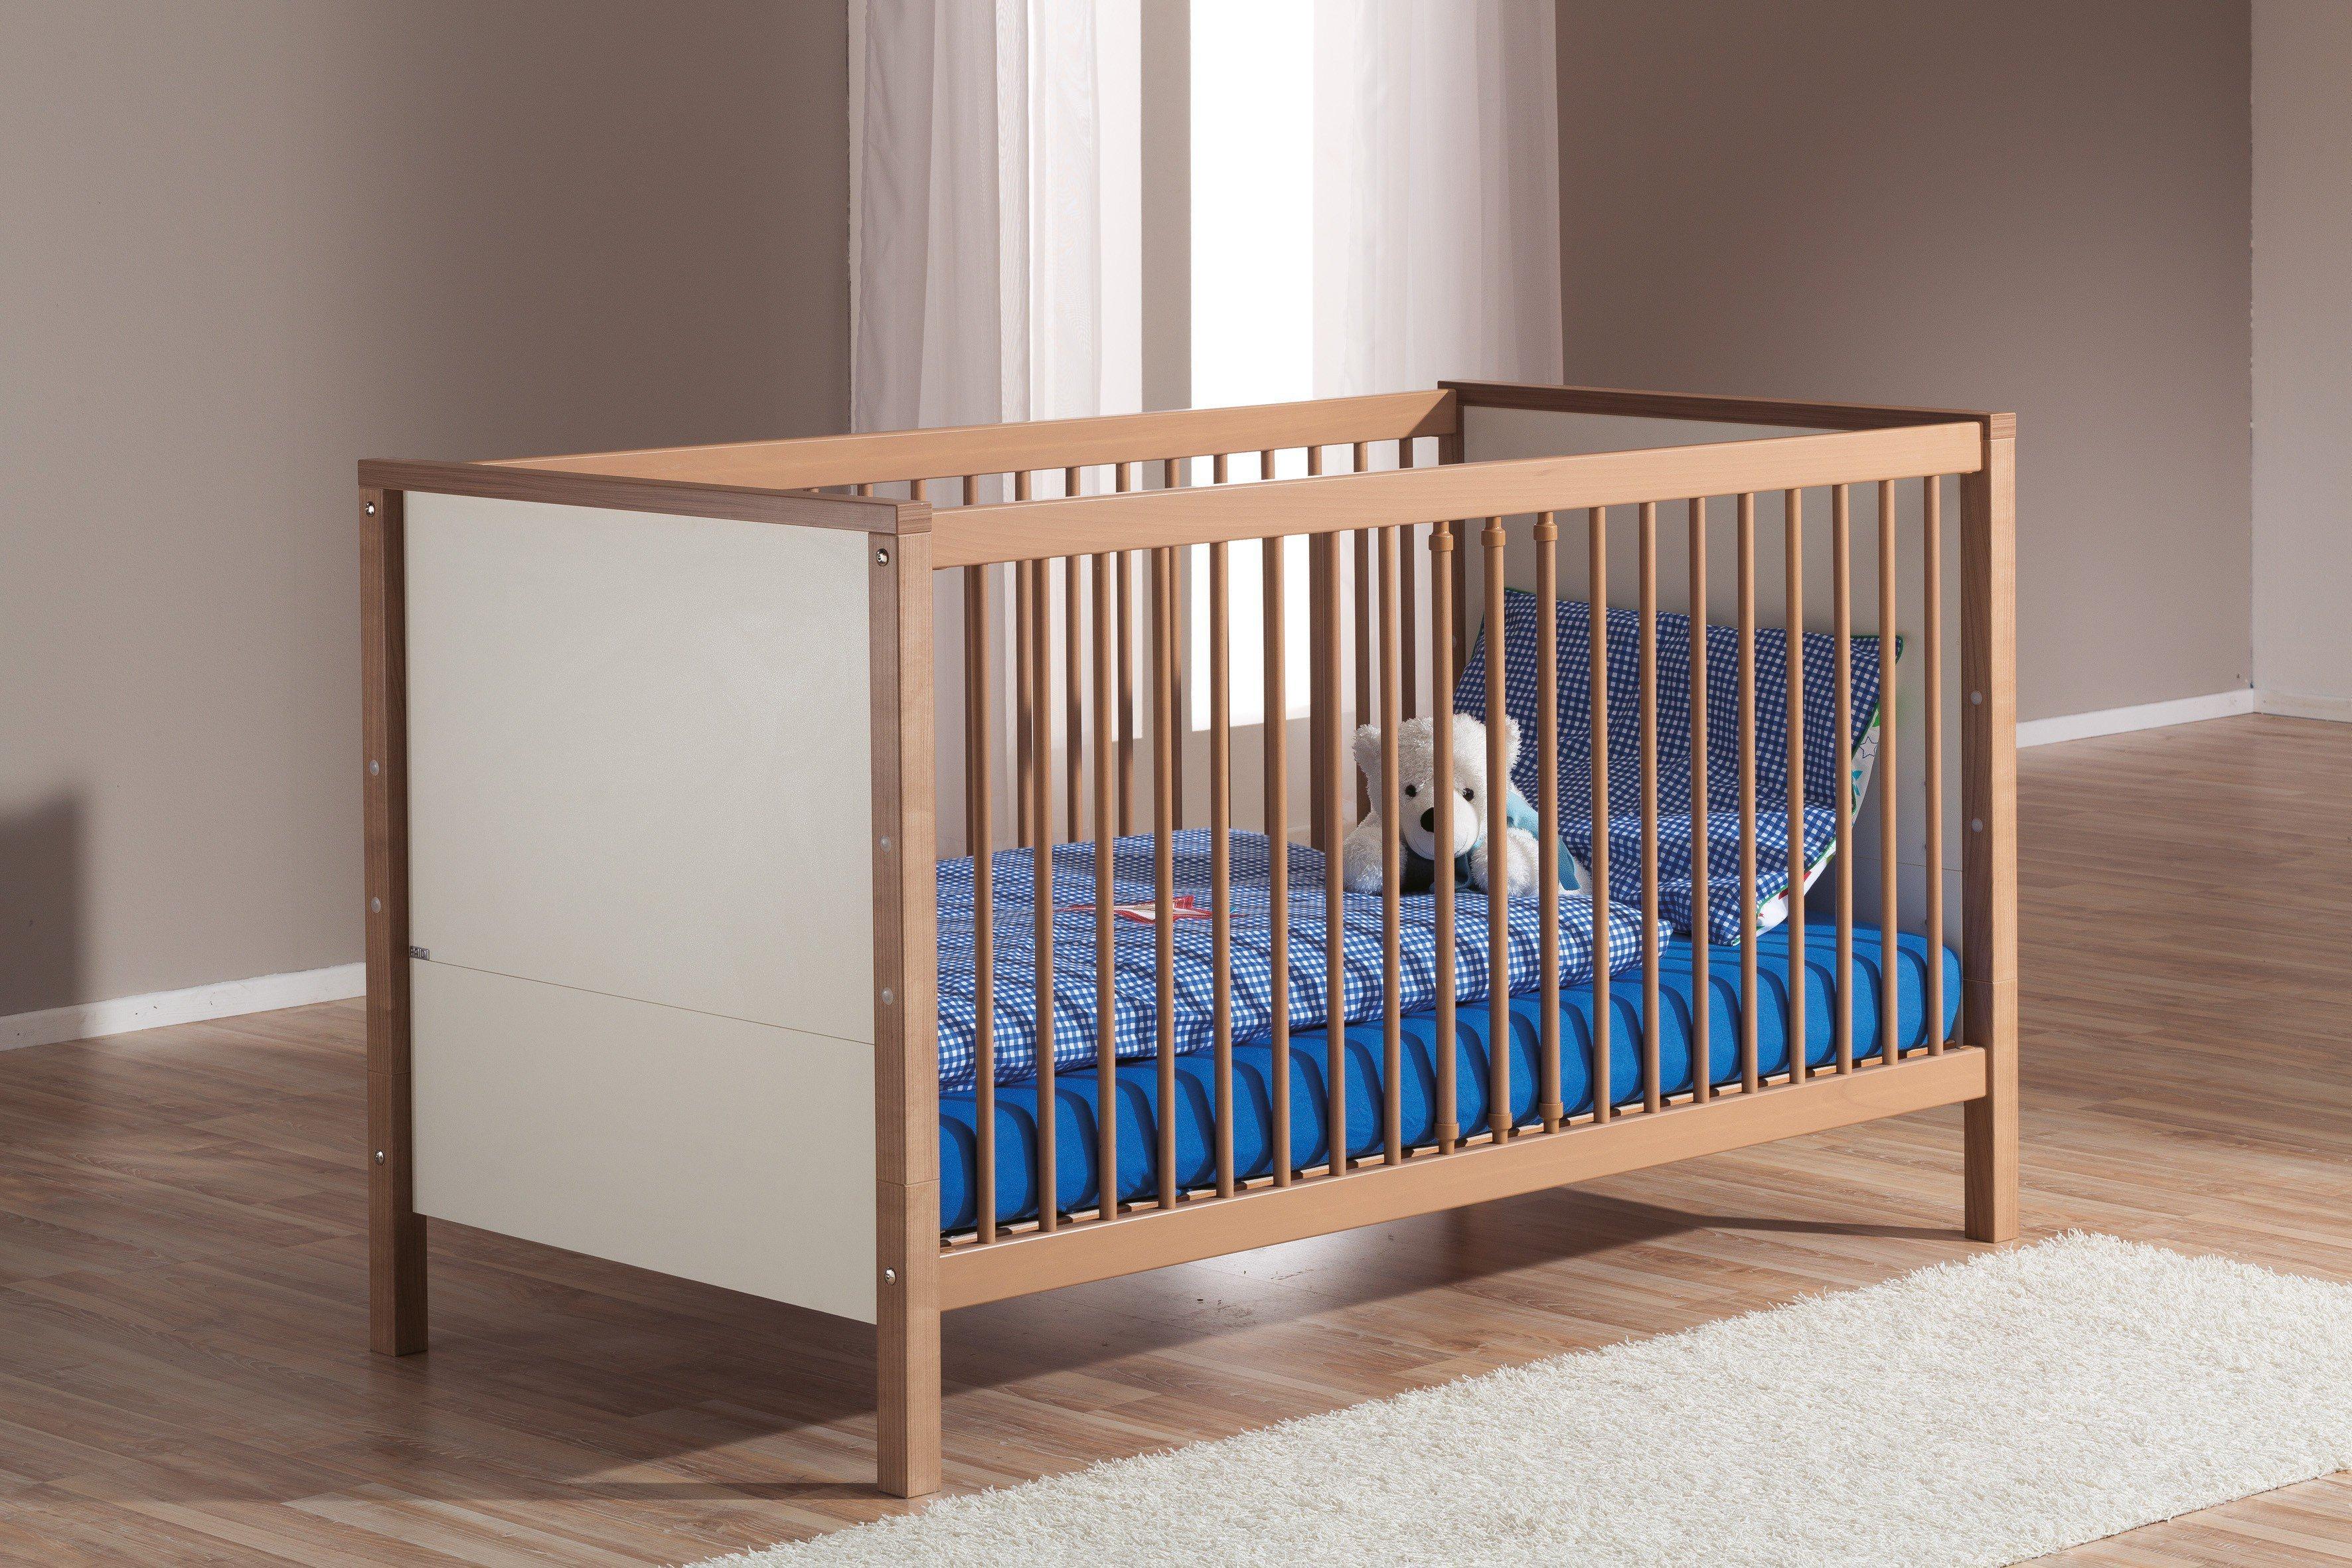 leo kinderbett von paidi kirsche ecru m bel letz ihr online shop. Black Bedroom Furniture Sets. Home Design Ideas